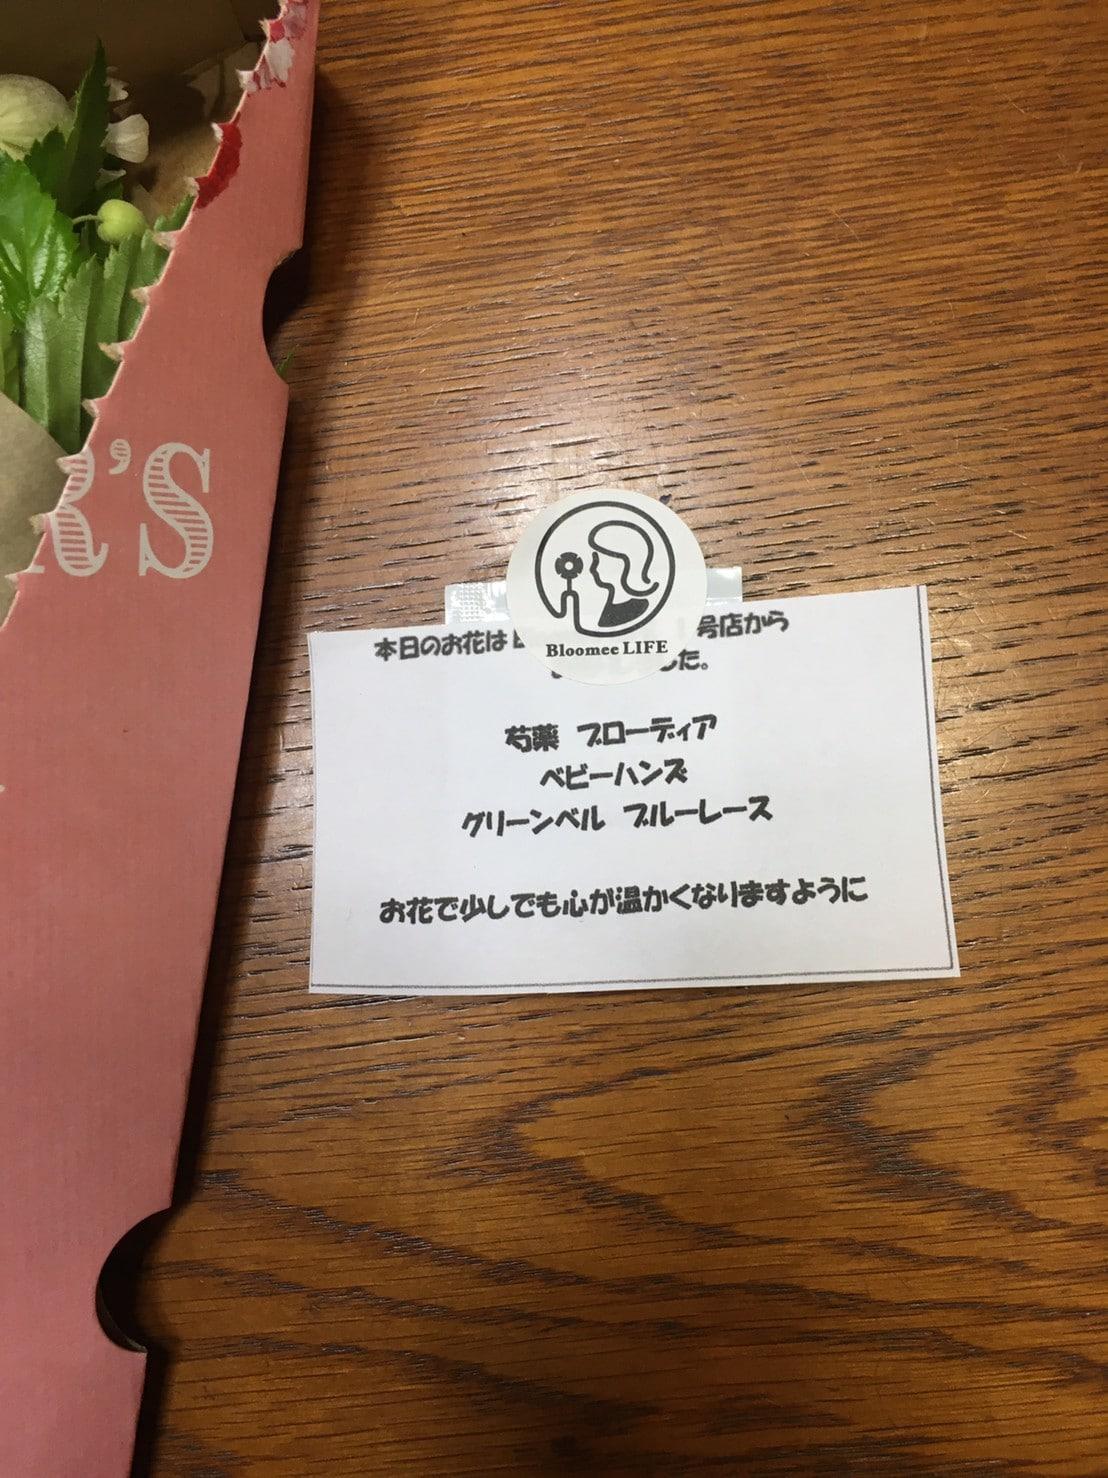 ブルーミーライフのメッセージカード